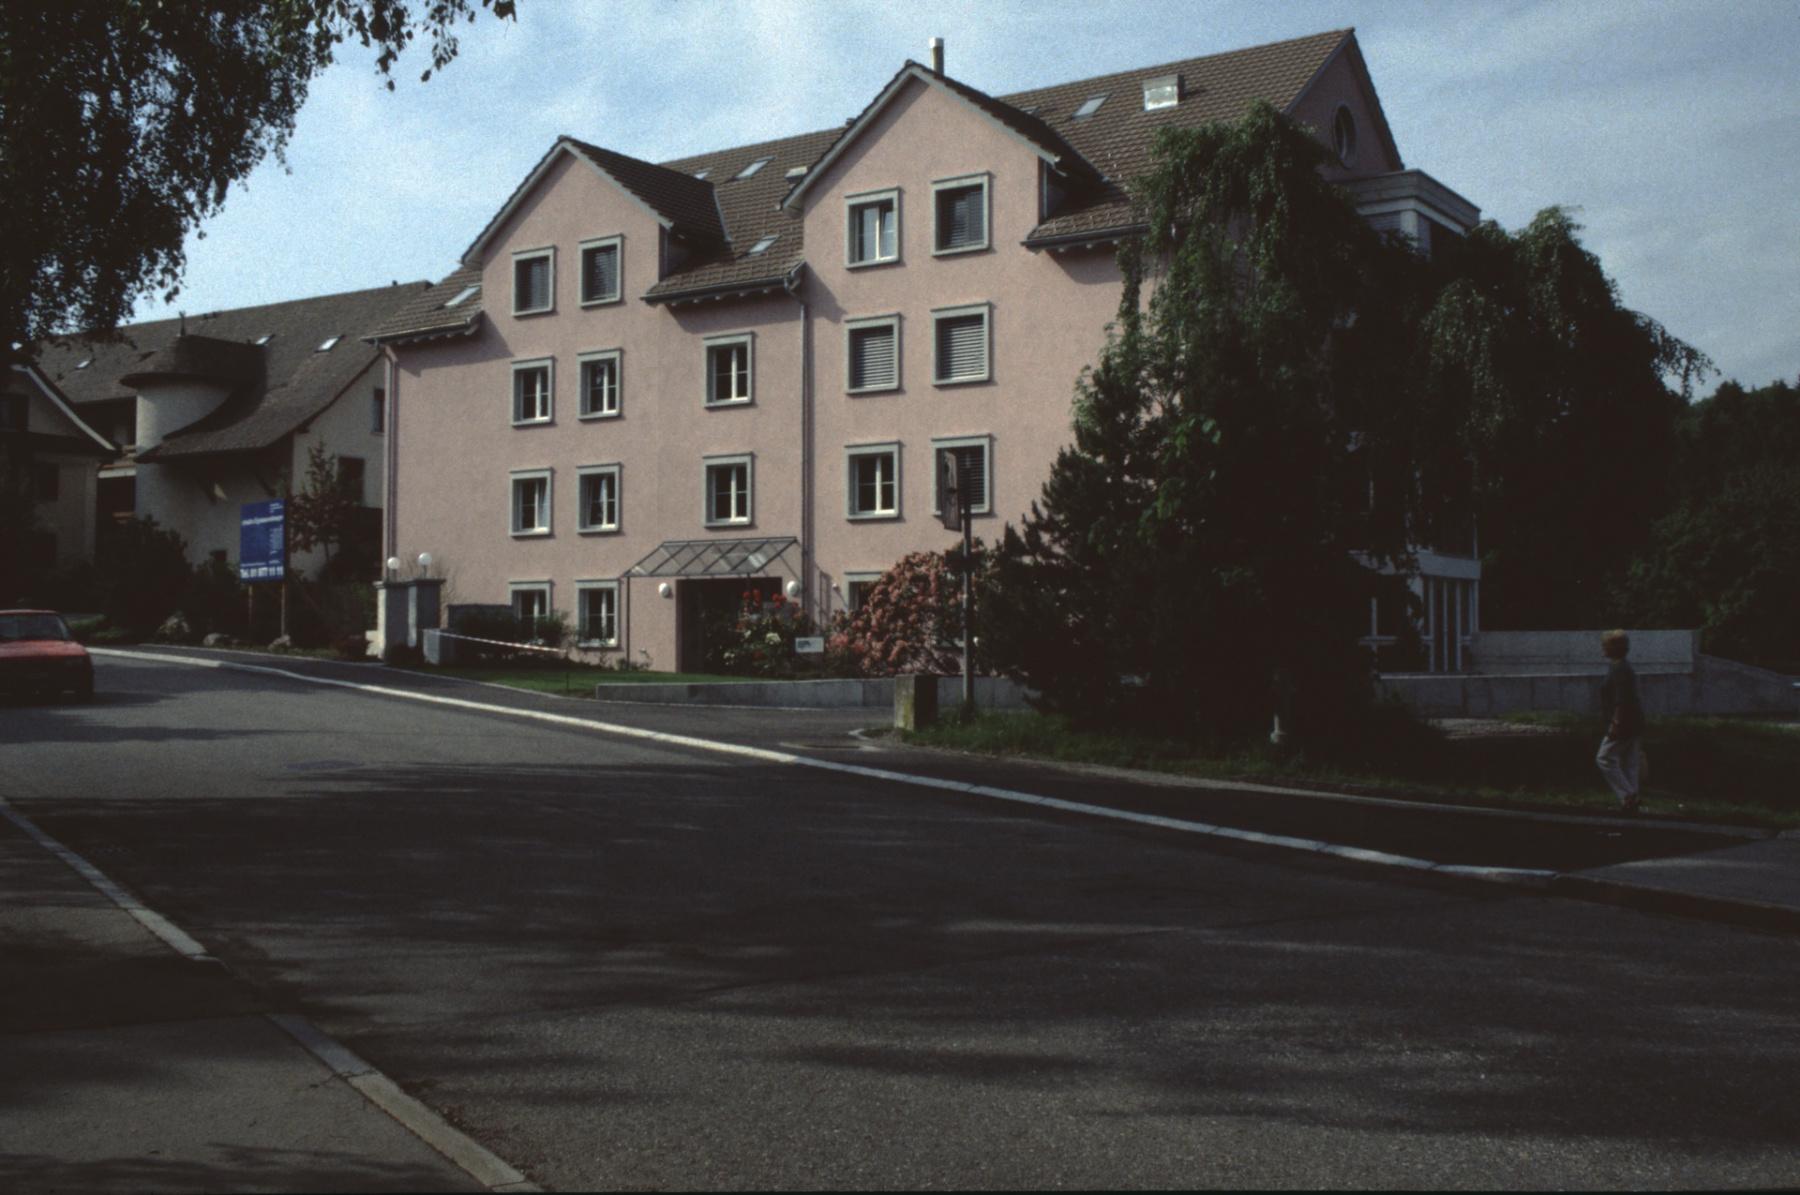 Eigentumswohnungen, wo Haus Bosshard stand